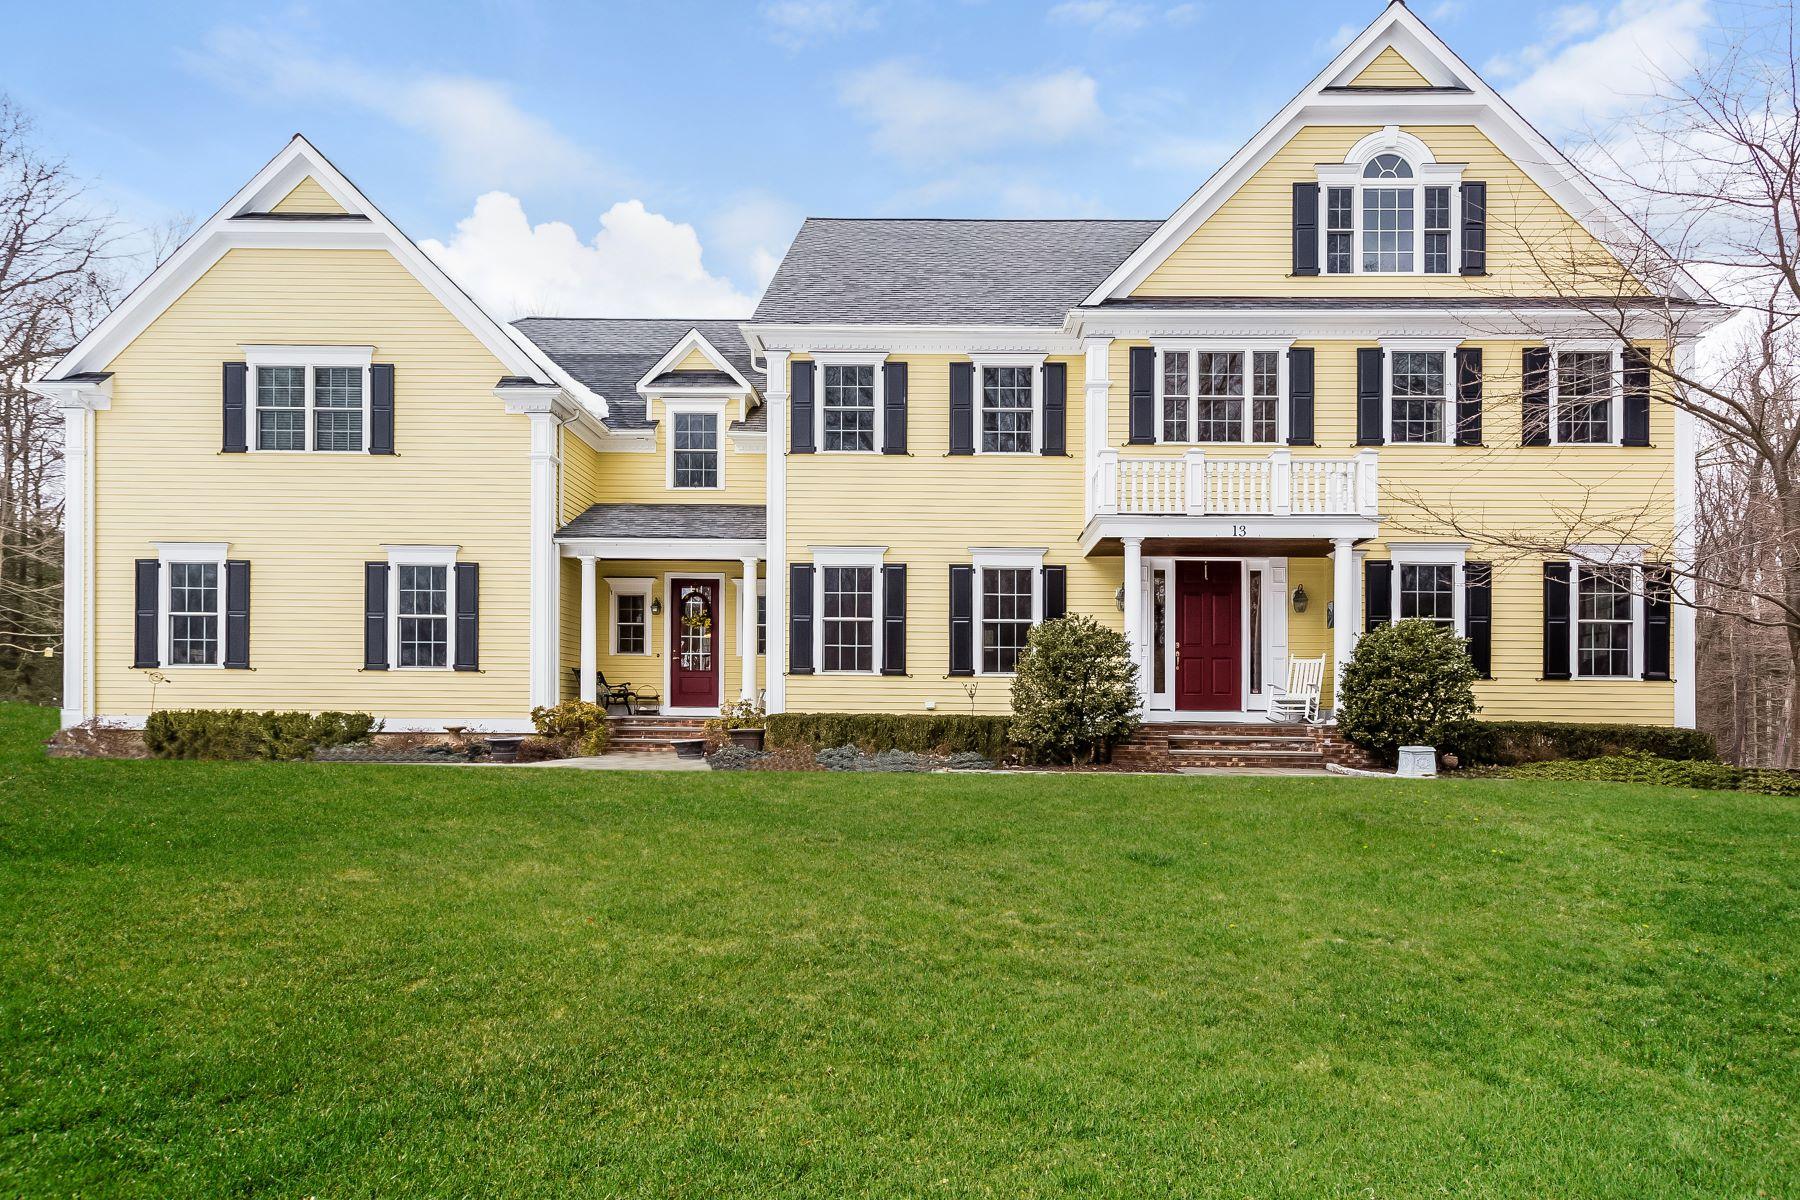 独户住宅 为 销售 在 Extraordinarily Custom Built Home 13 Belden Hill Road, 布鲁克菲尔德, 康涅狄格州, 06804 美国